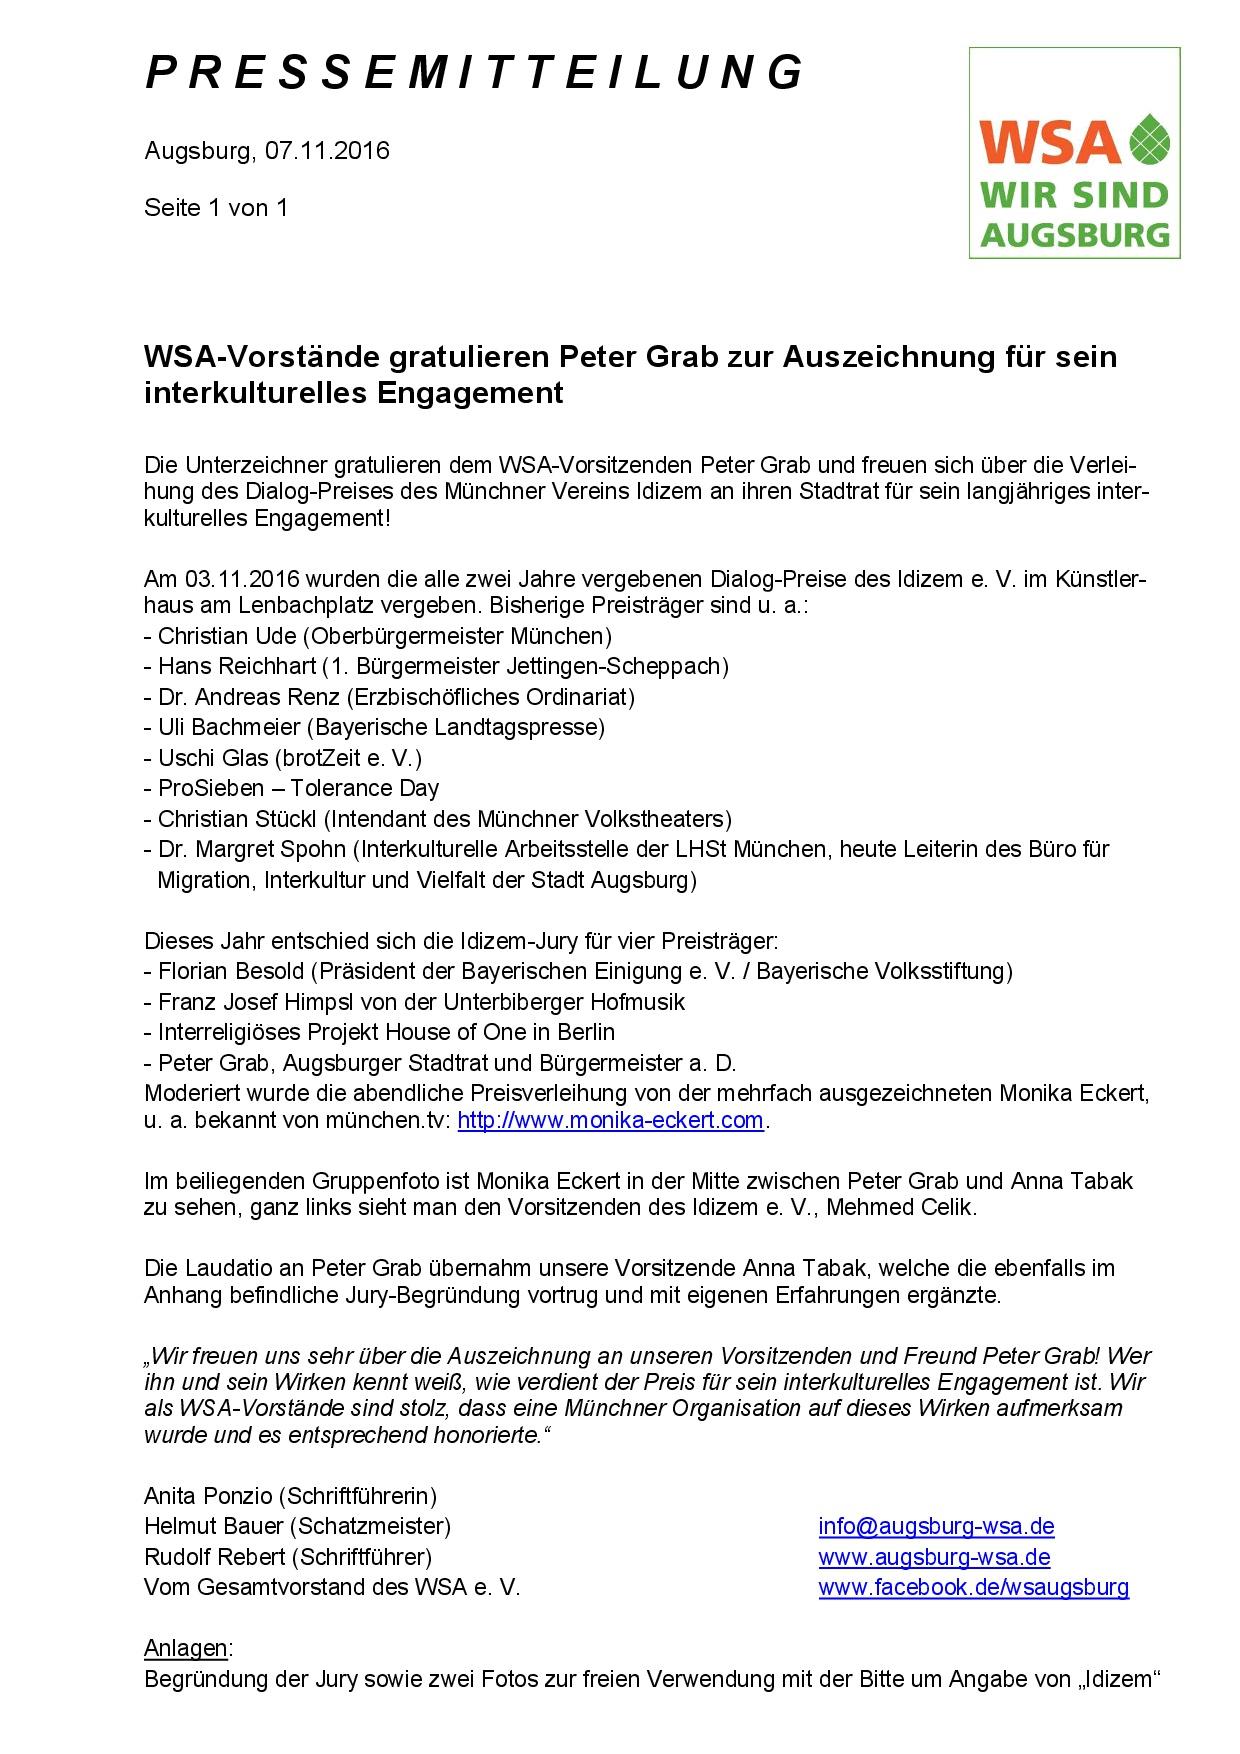 WSA-Pressemitteilung vom 07.11.2016 zur Preisverleihung an Peter Grab